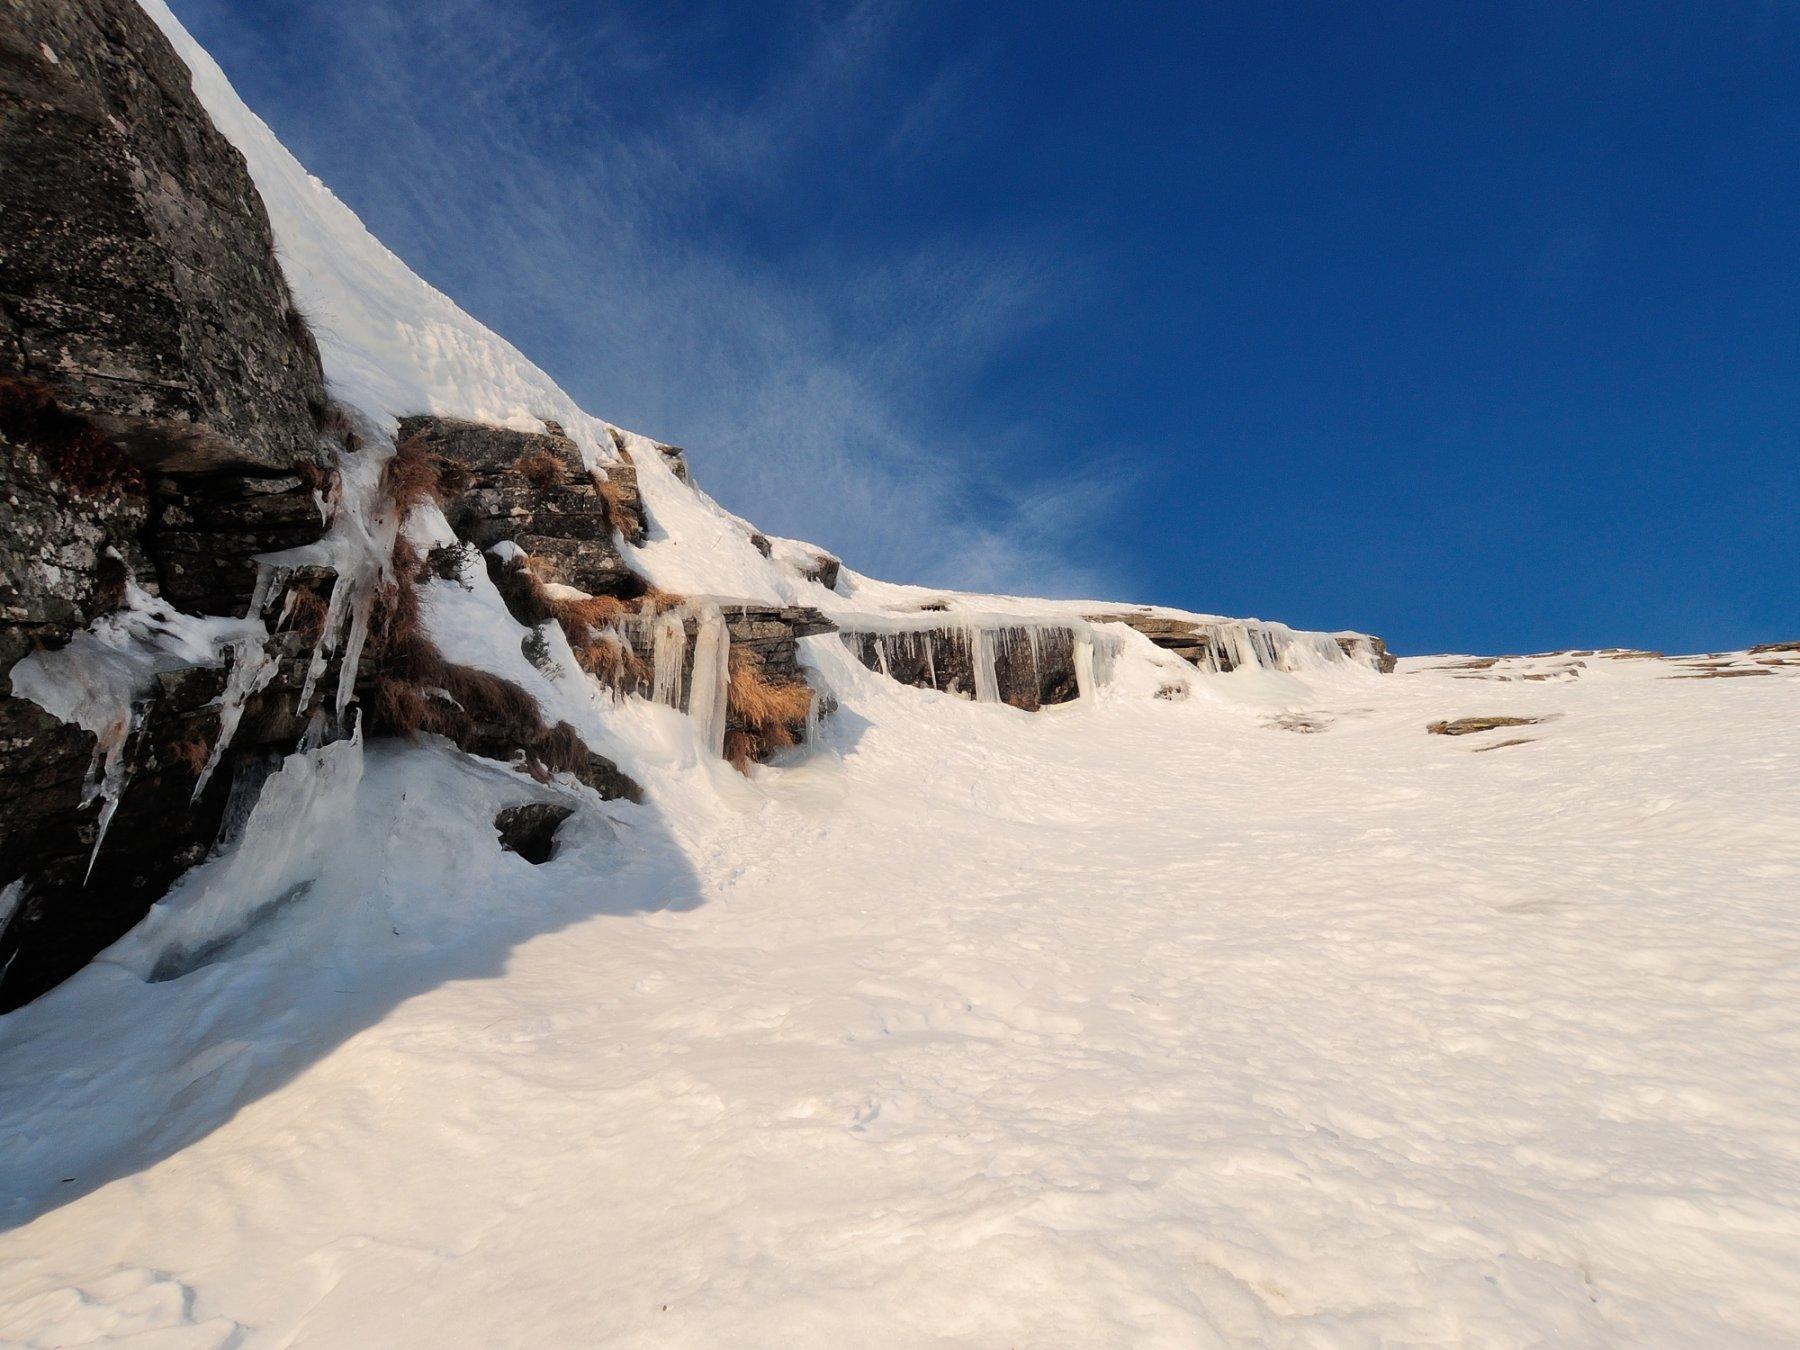 Salto di roccia con ghiaccio costeggiato salendo